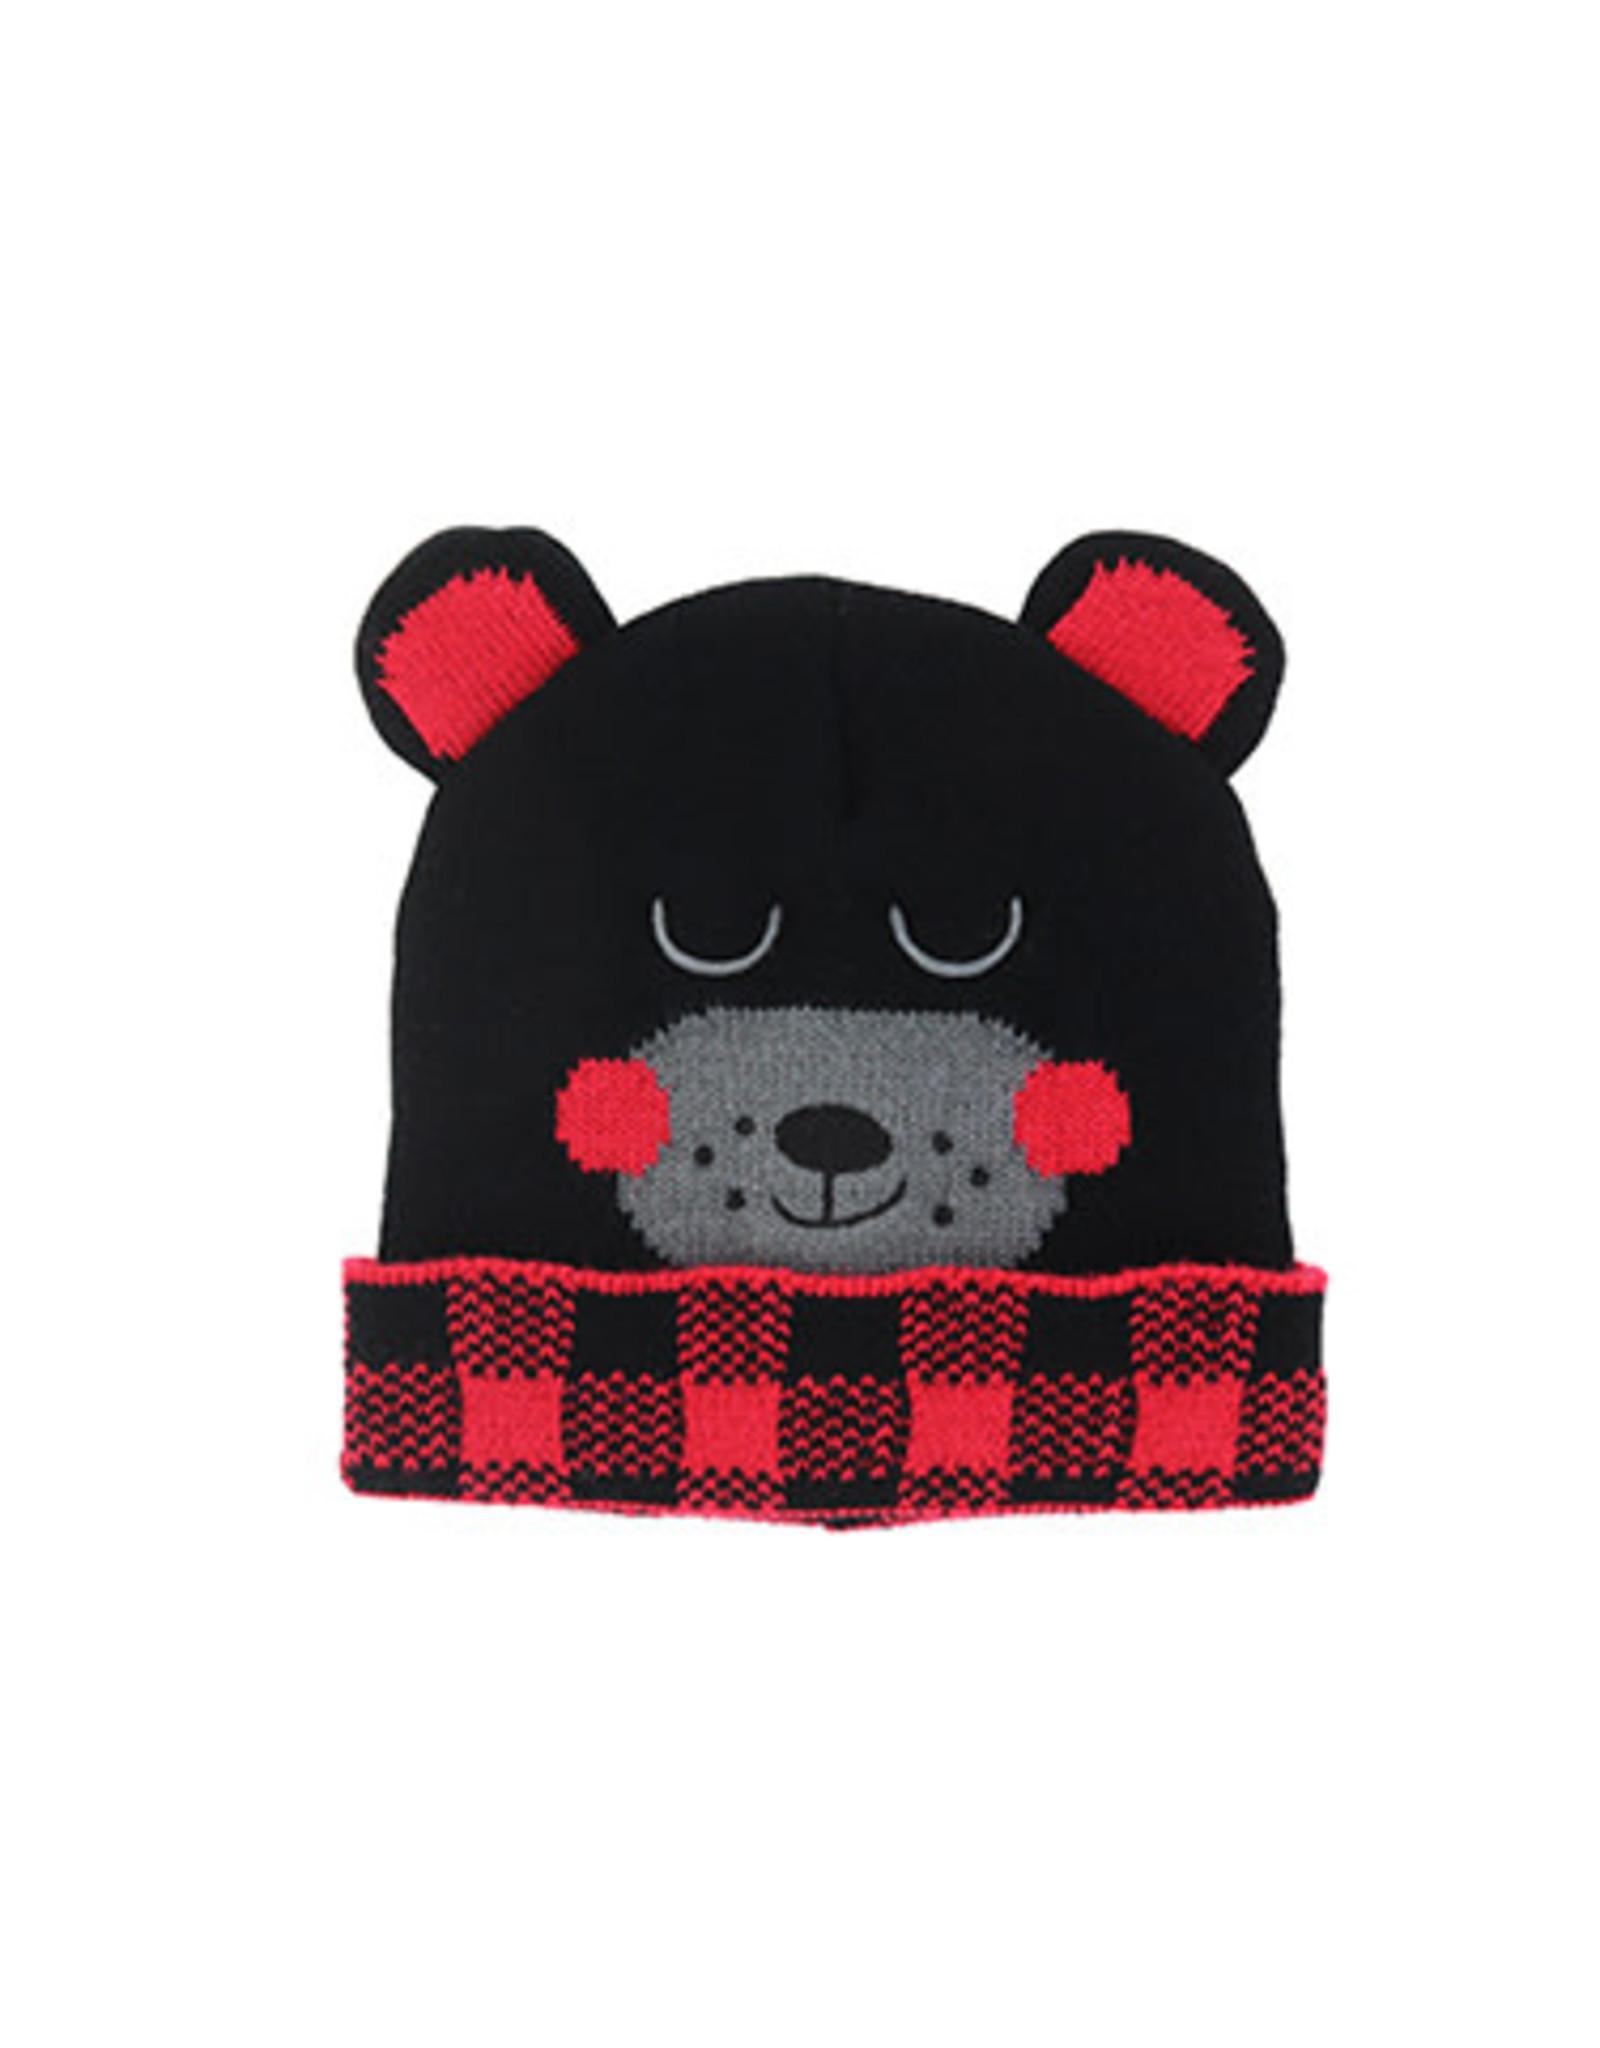 DM Merchandising CRITTER HATS